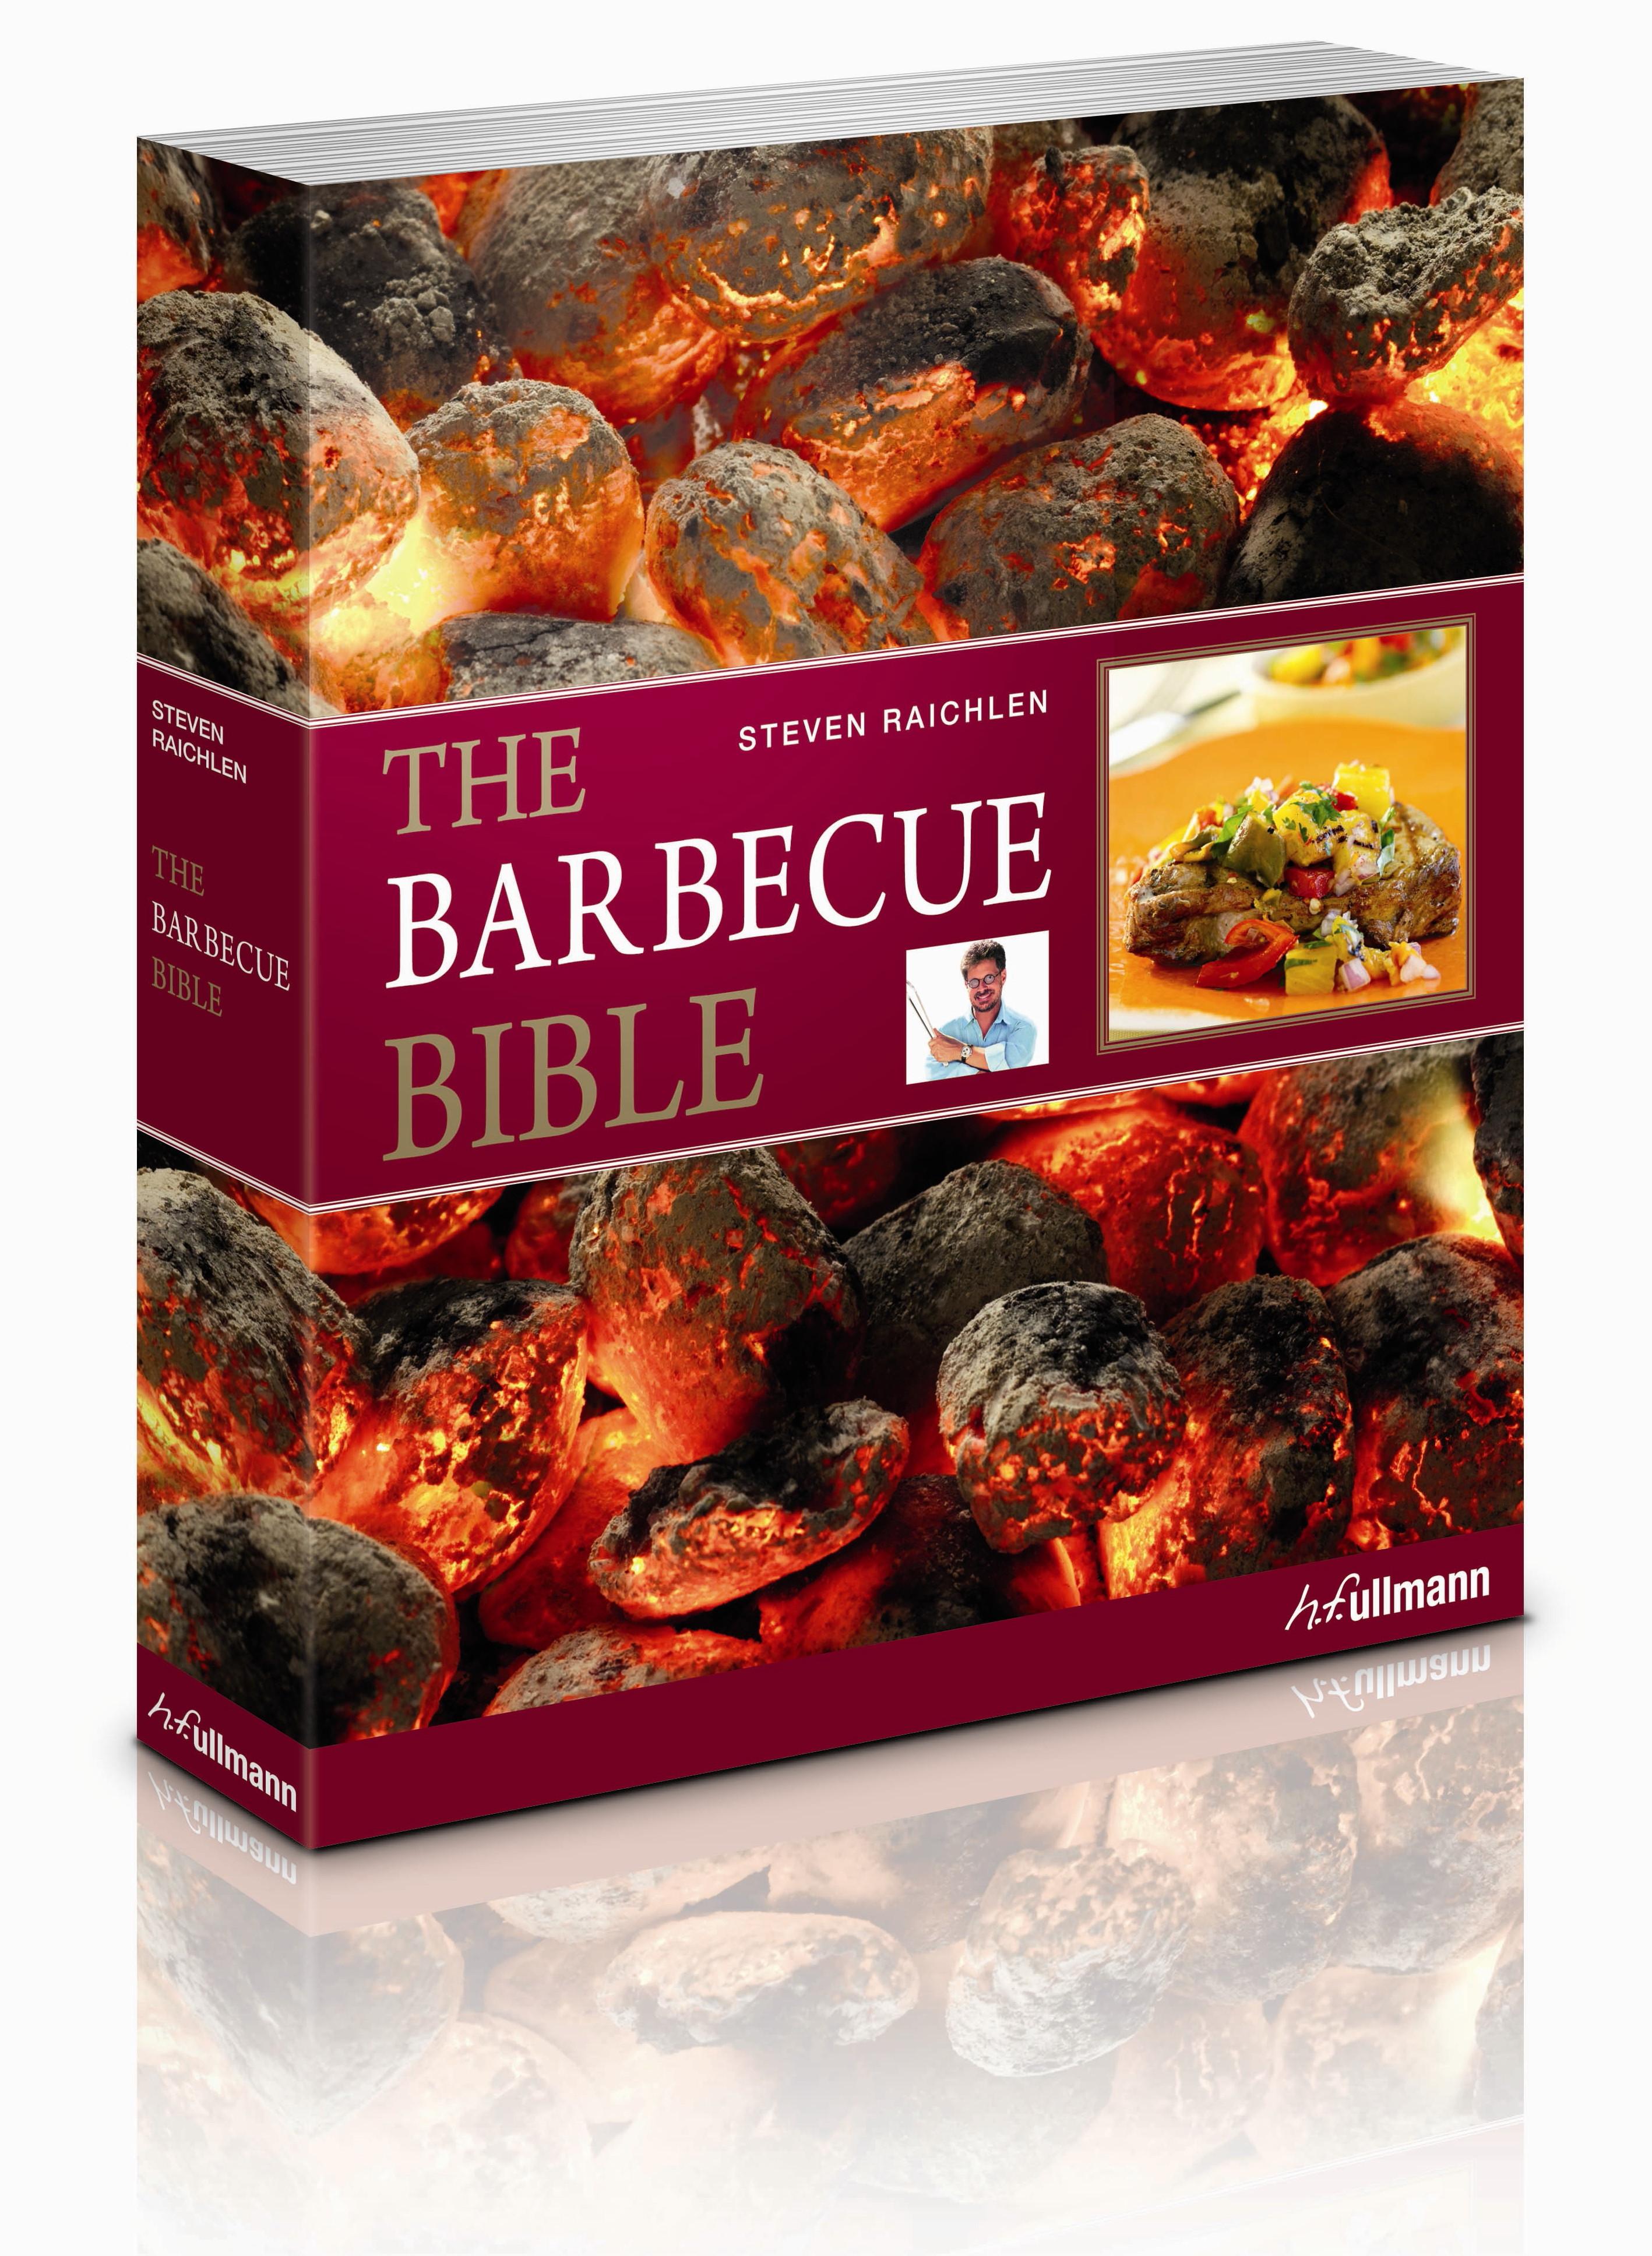 Steven Raichlen - The Barbecue Bible